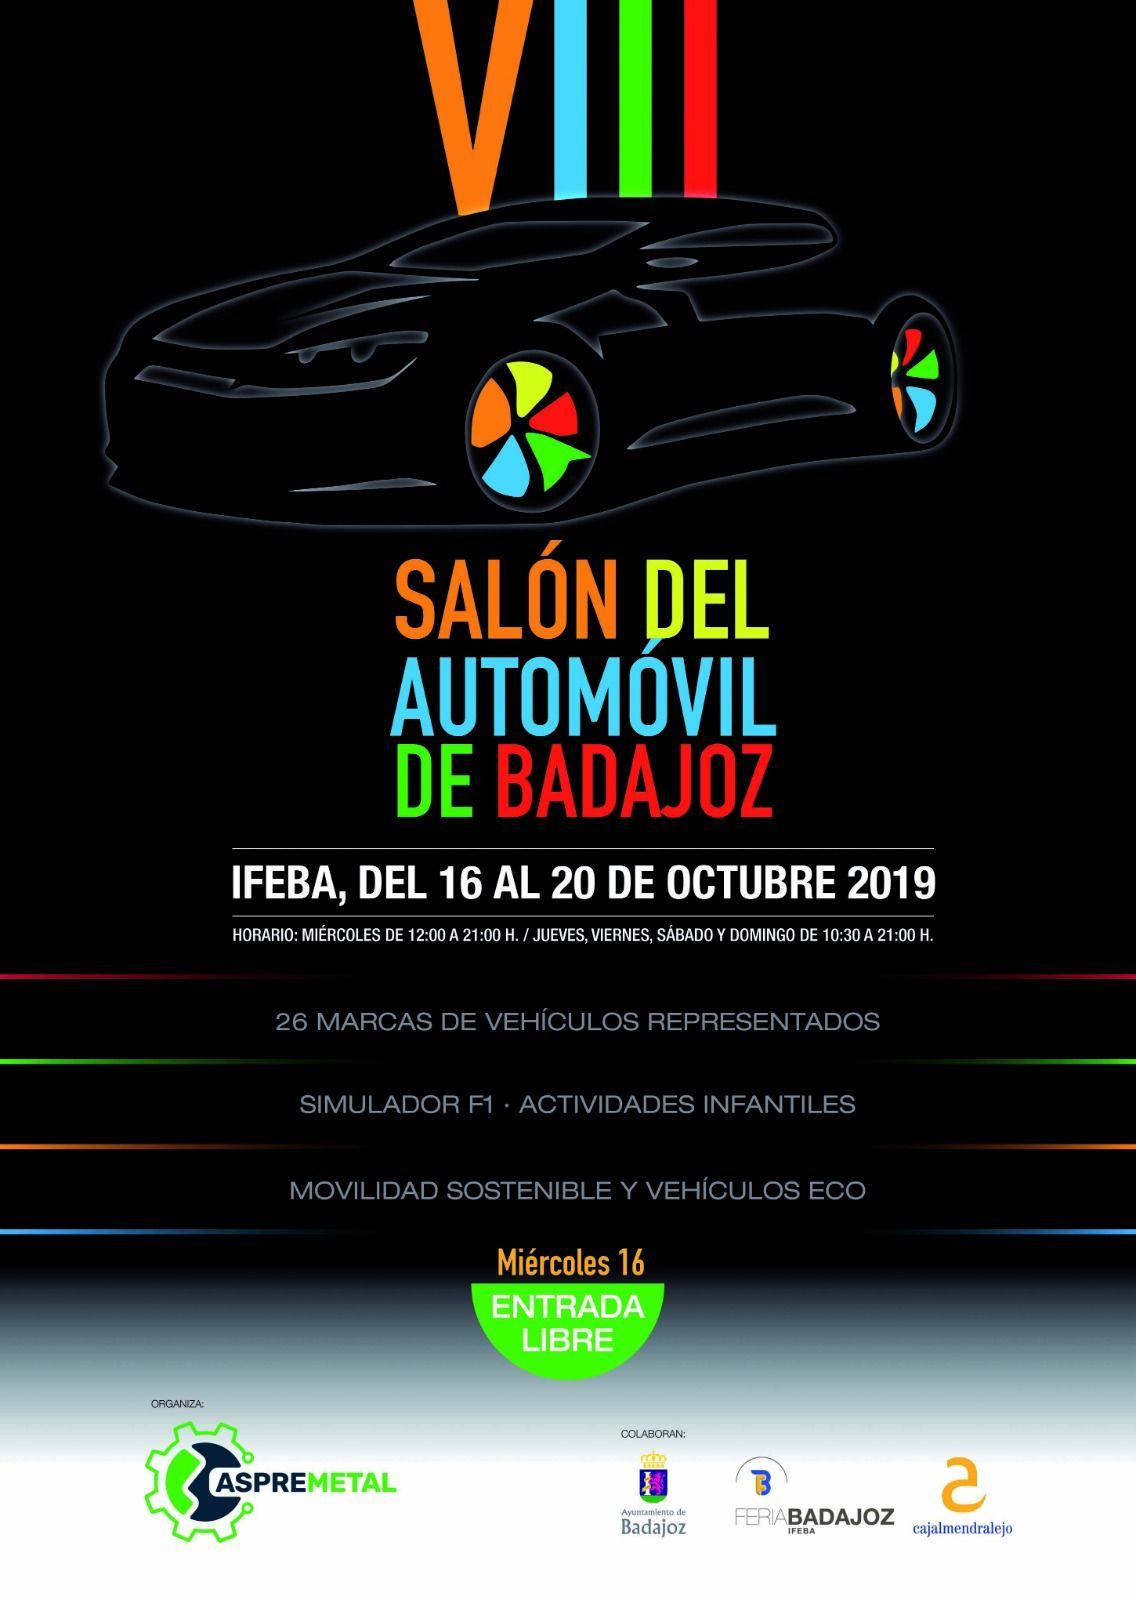 MANDEL MOTOR EN EL 'VIII SALÓN DEL AUTOMÓVIL DE BADAJOZ 2019'